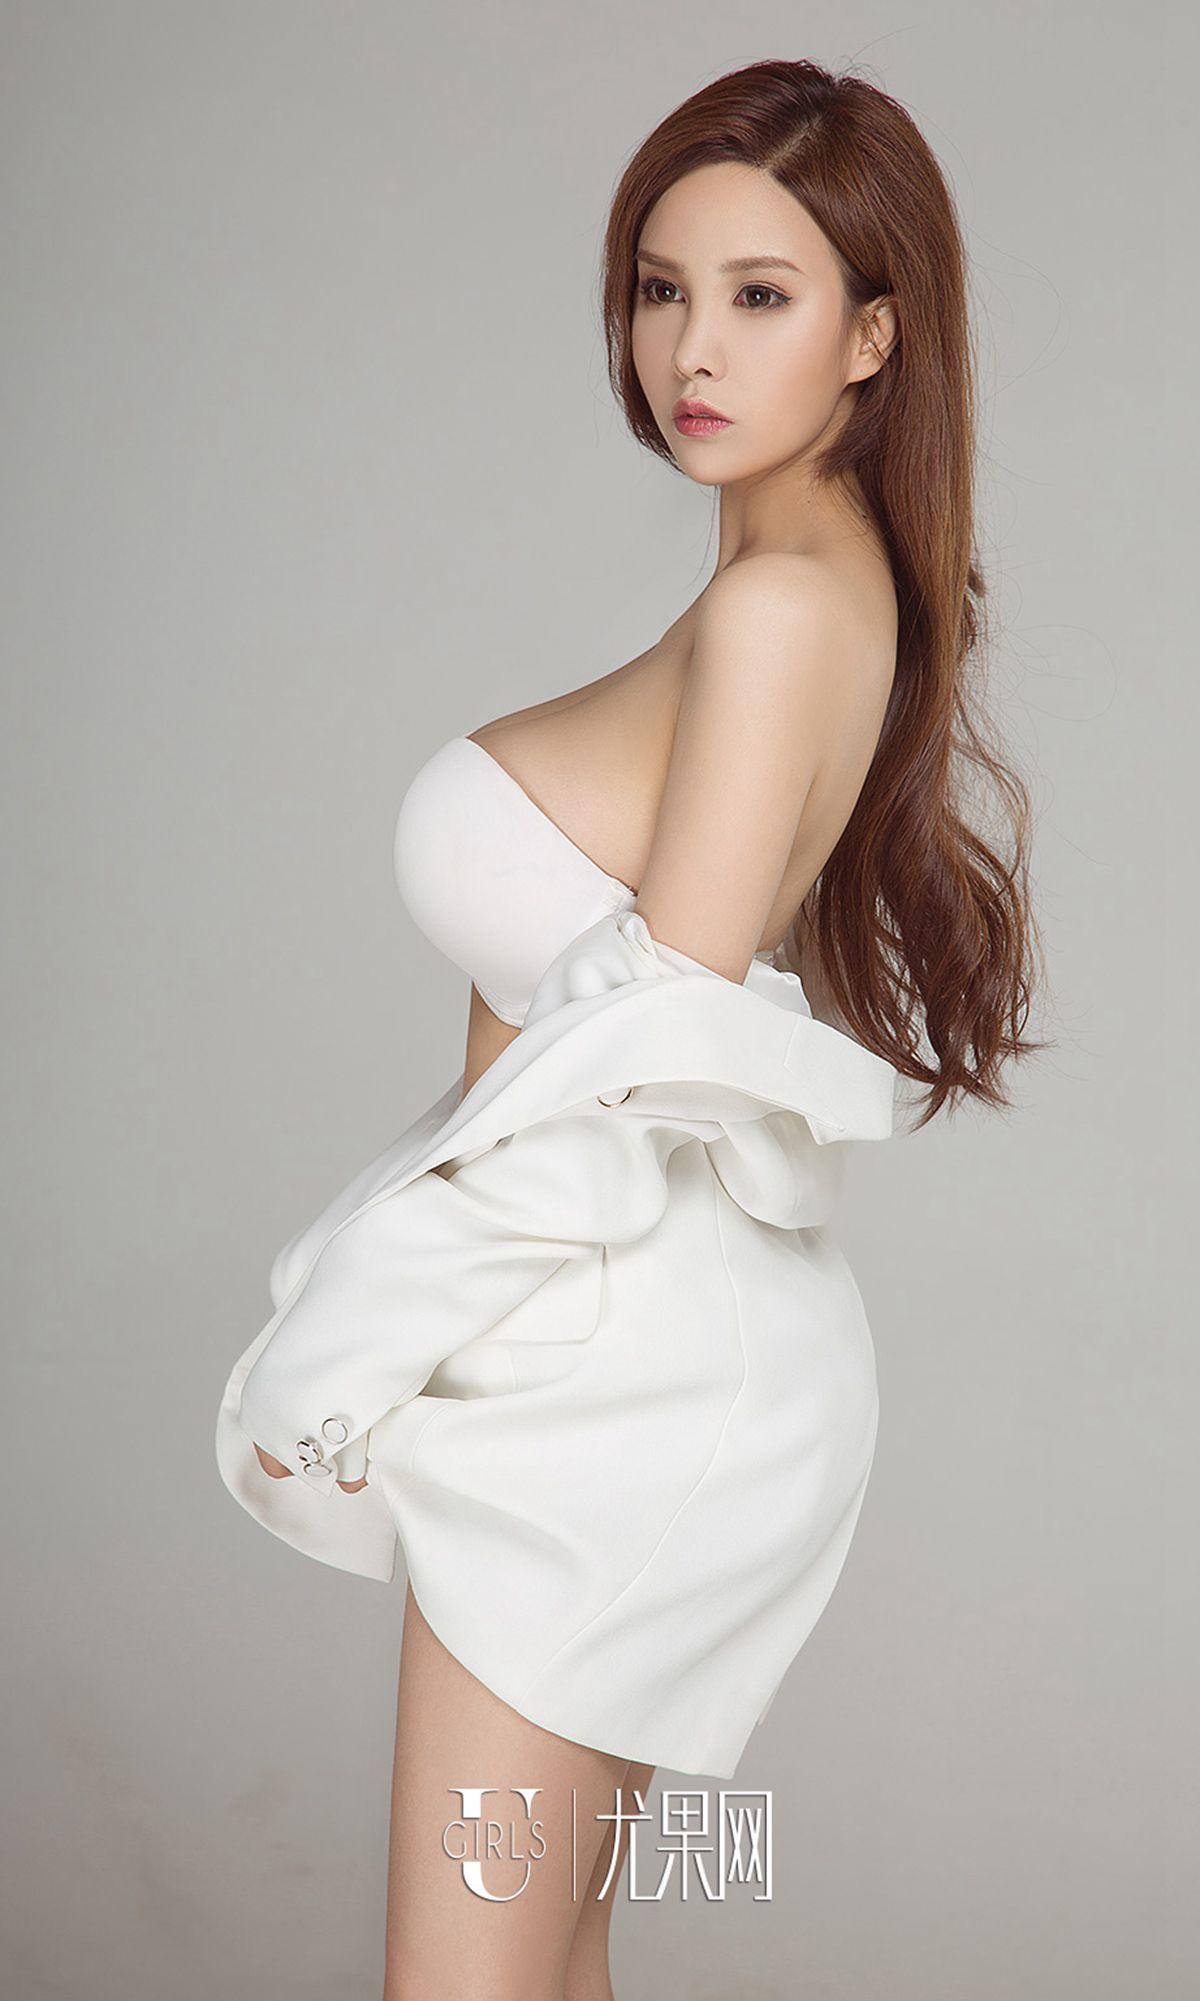 胡润曦&韩安琪&金露&静一 - 释放诱惑